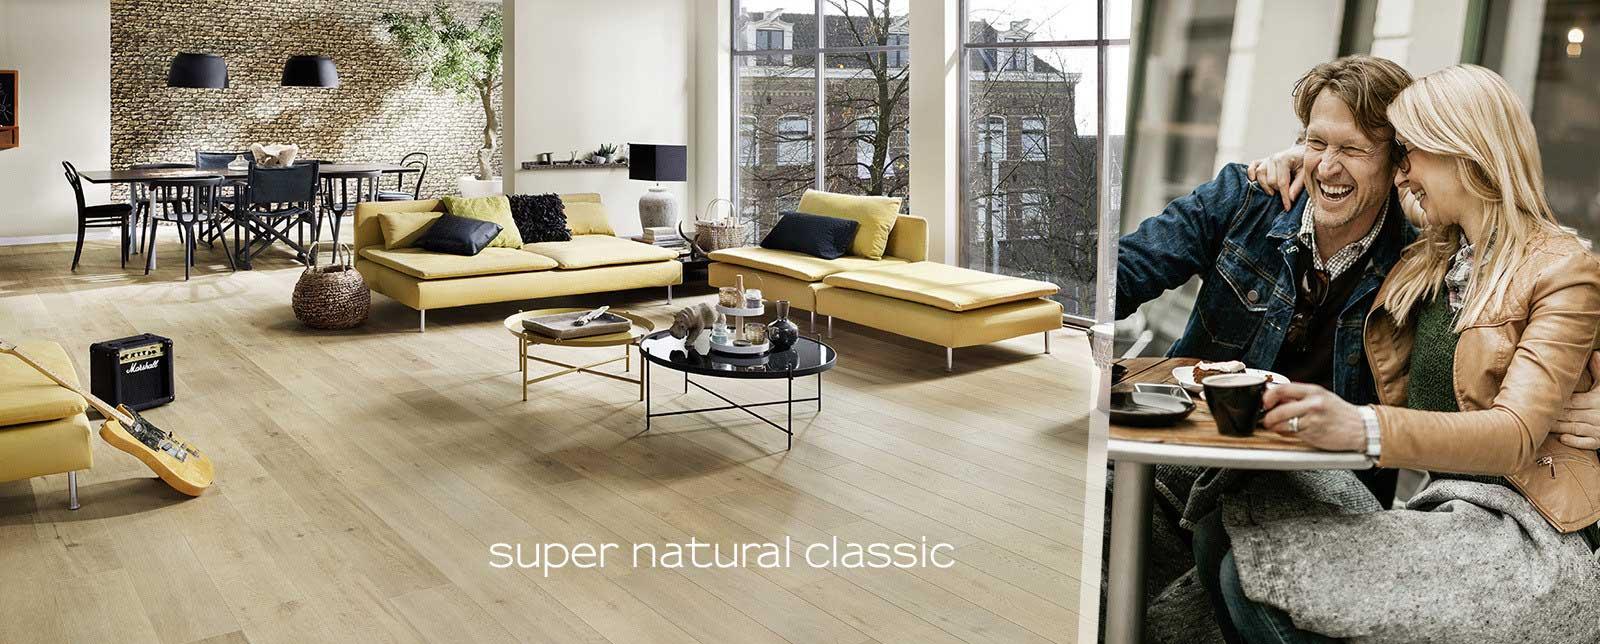 Super Natural Classic ламинат